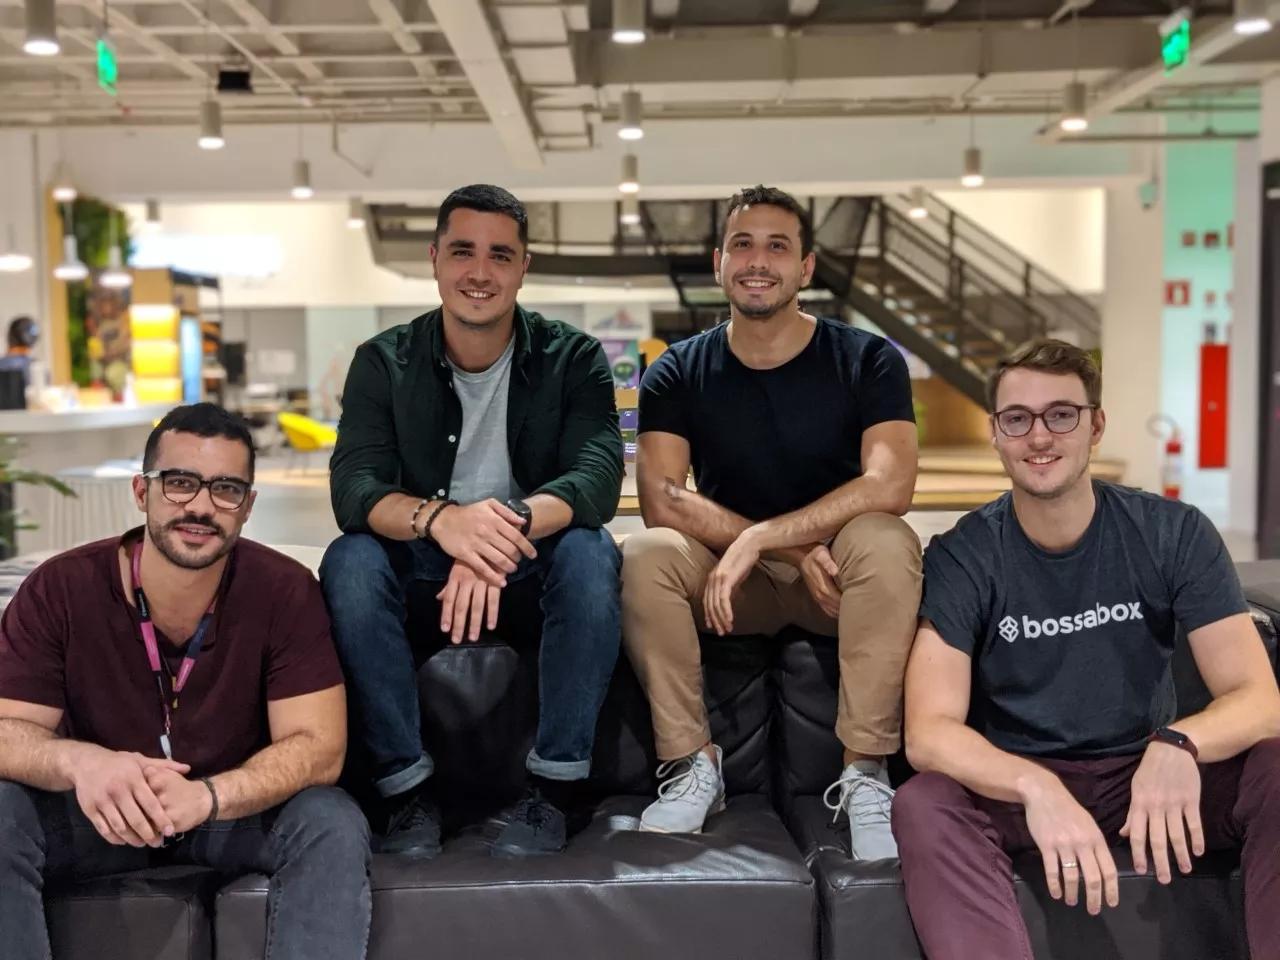 BossaBox aposta em squads-as-a-service e agiliza inovação dentro de grandes empresas